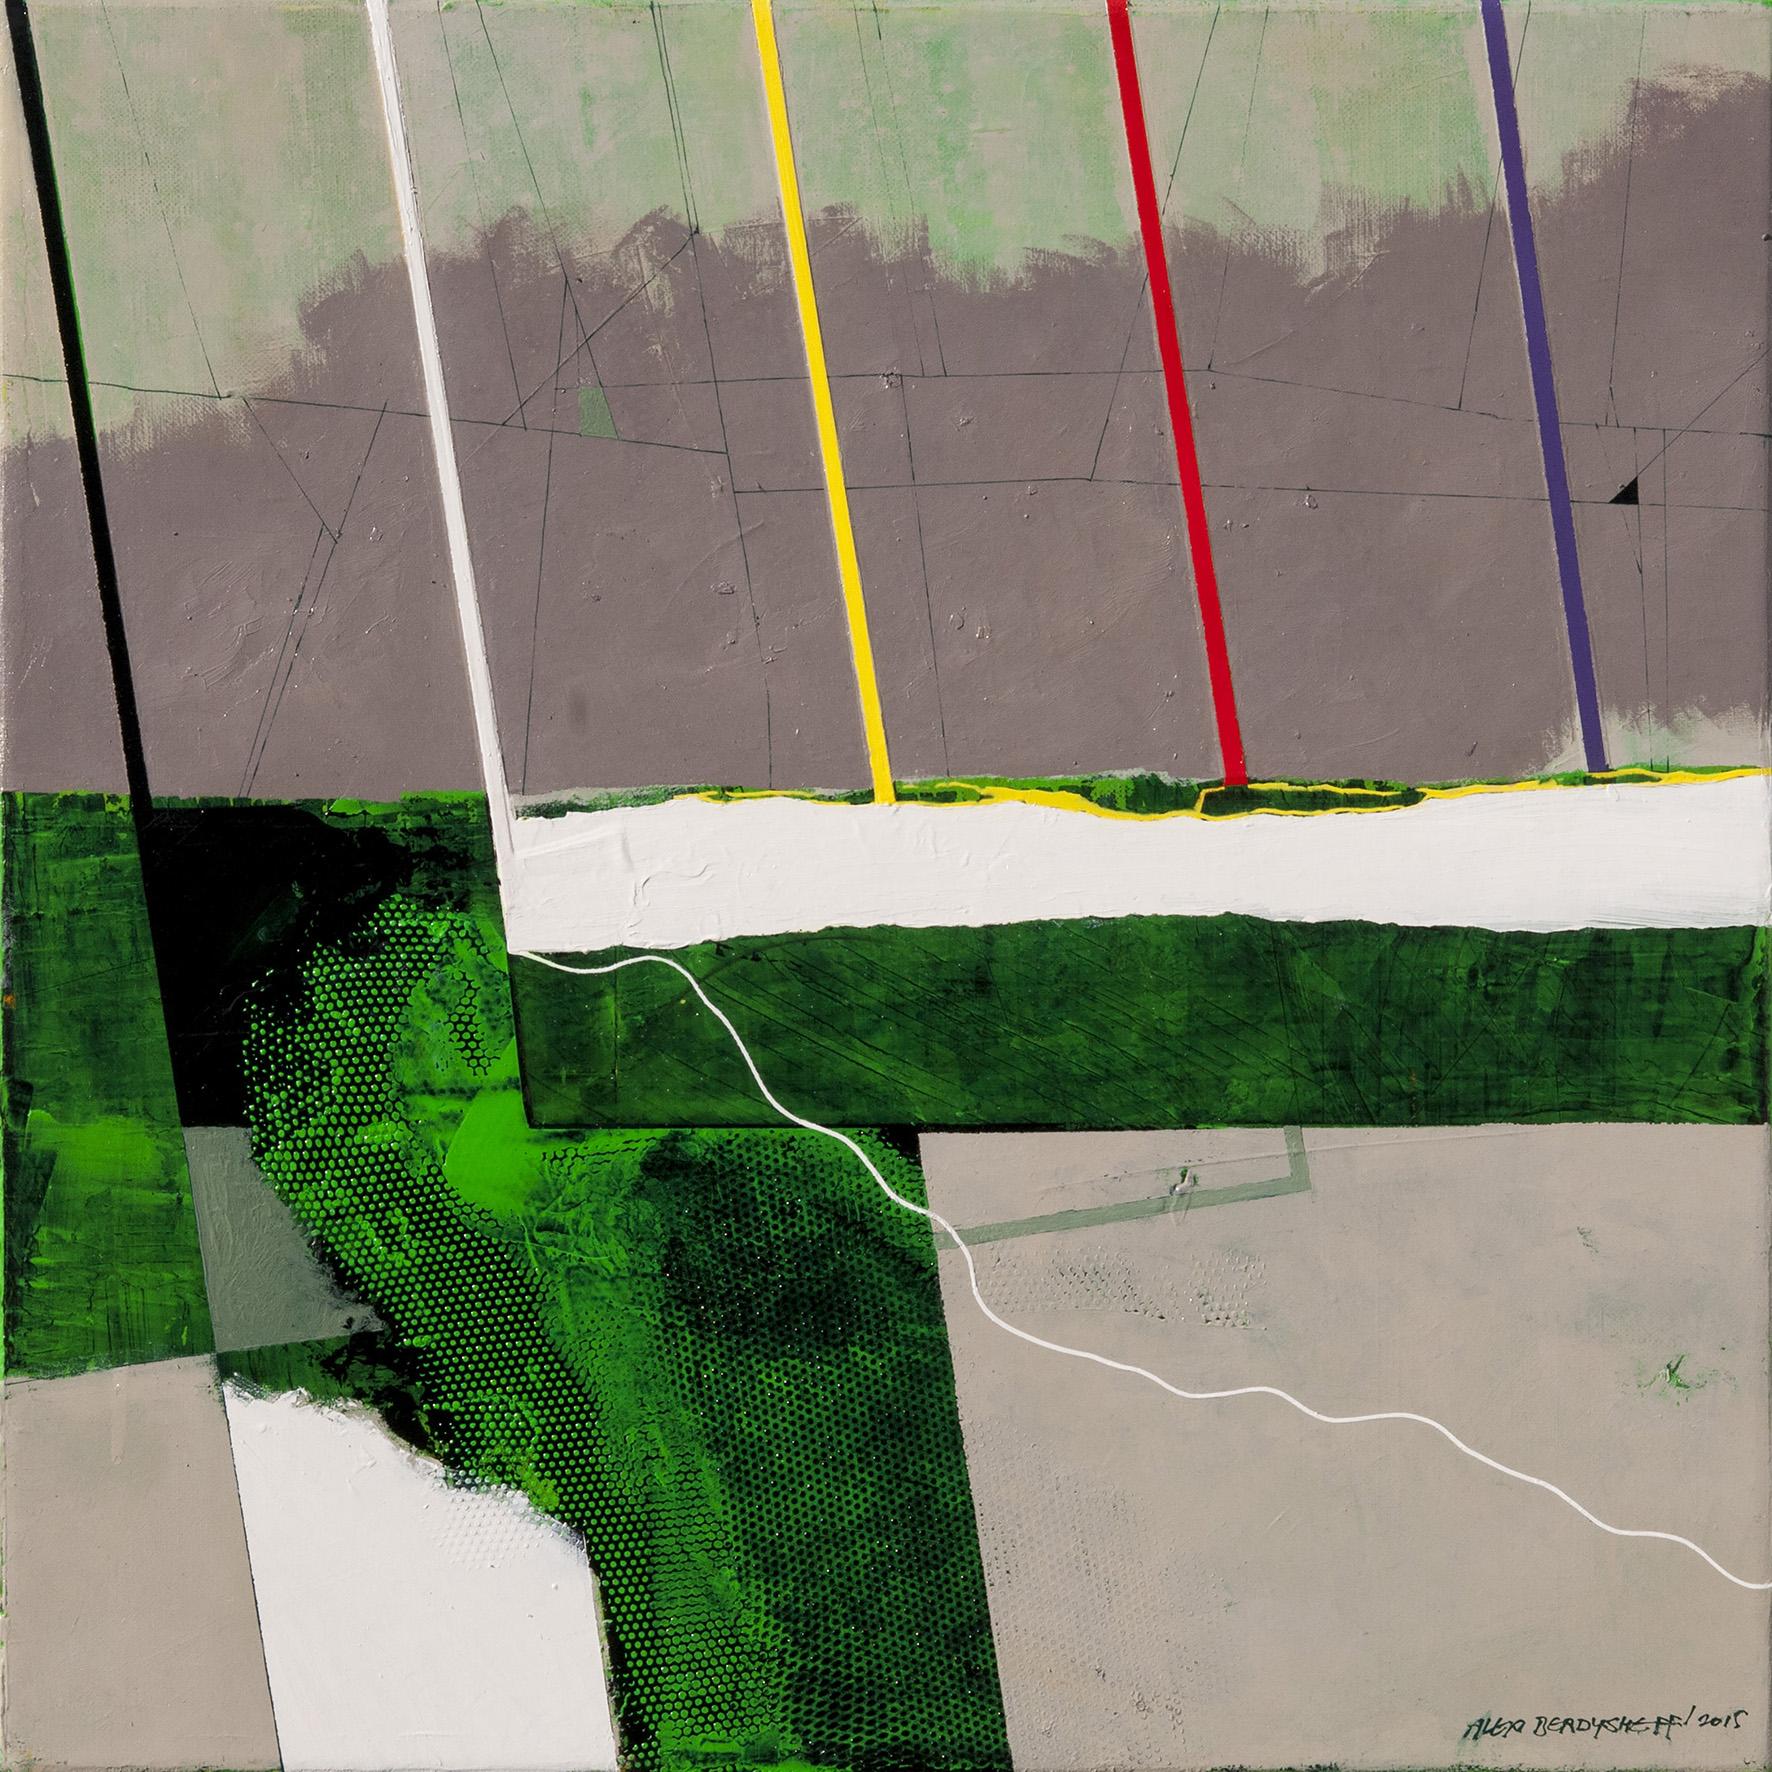 Rhythm III, oil on canvas, 46x46 cm, 2015